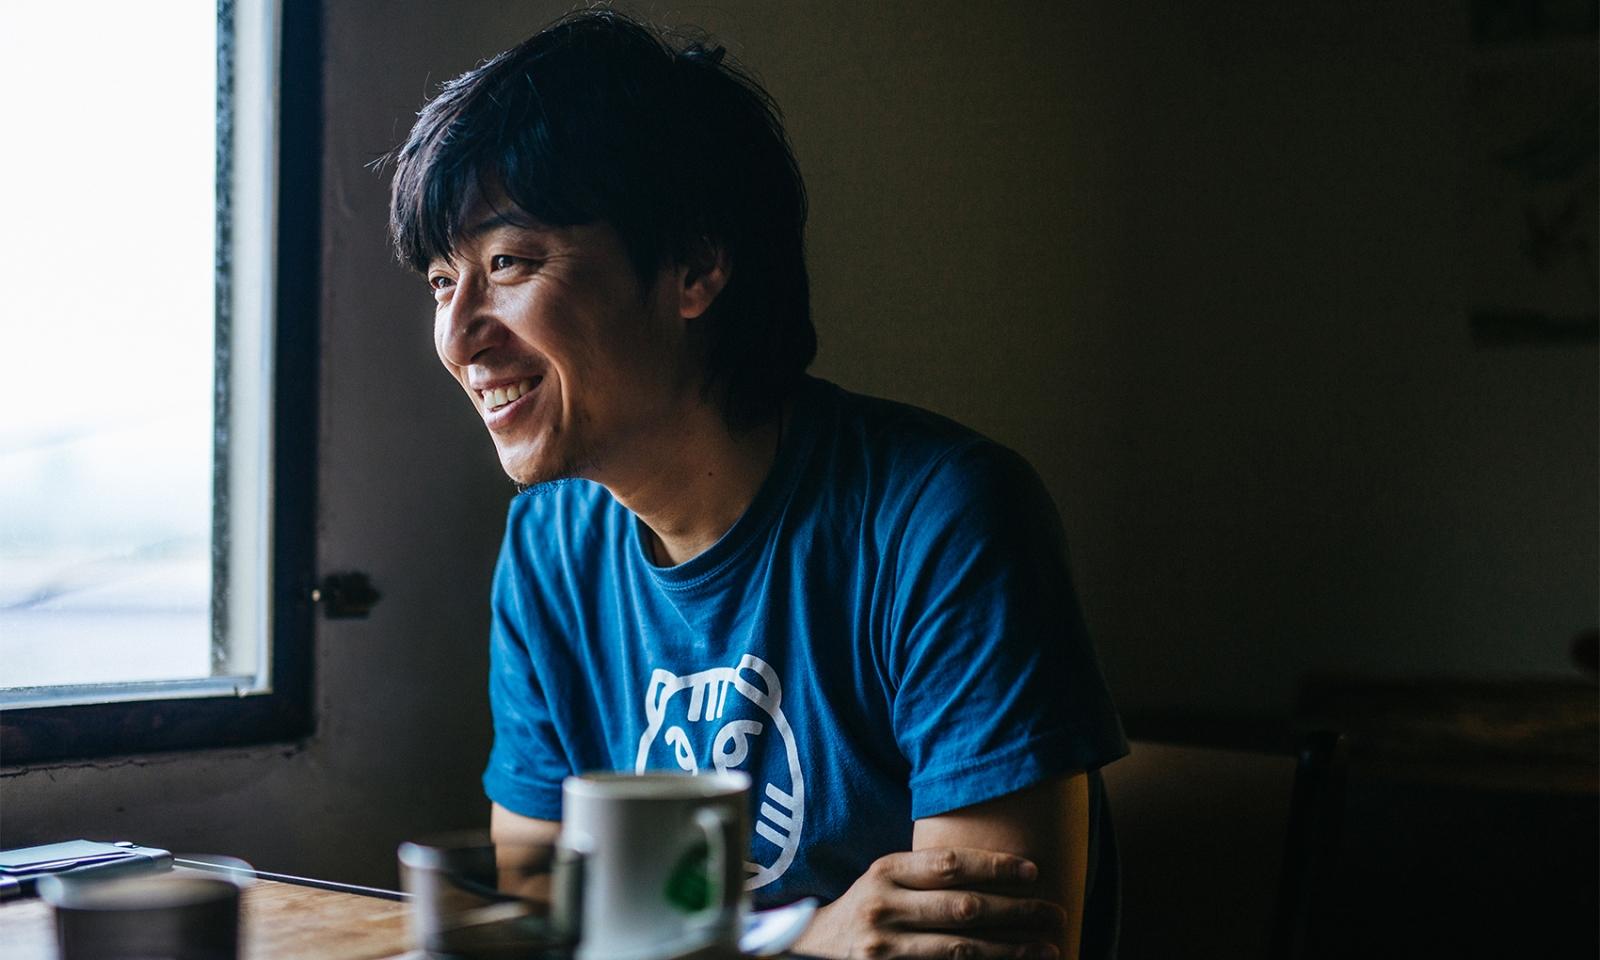 踏在生活的氣韻中:專訪《八月》導演張大磊